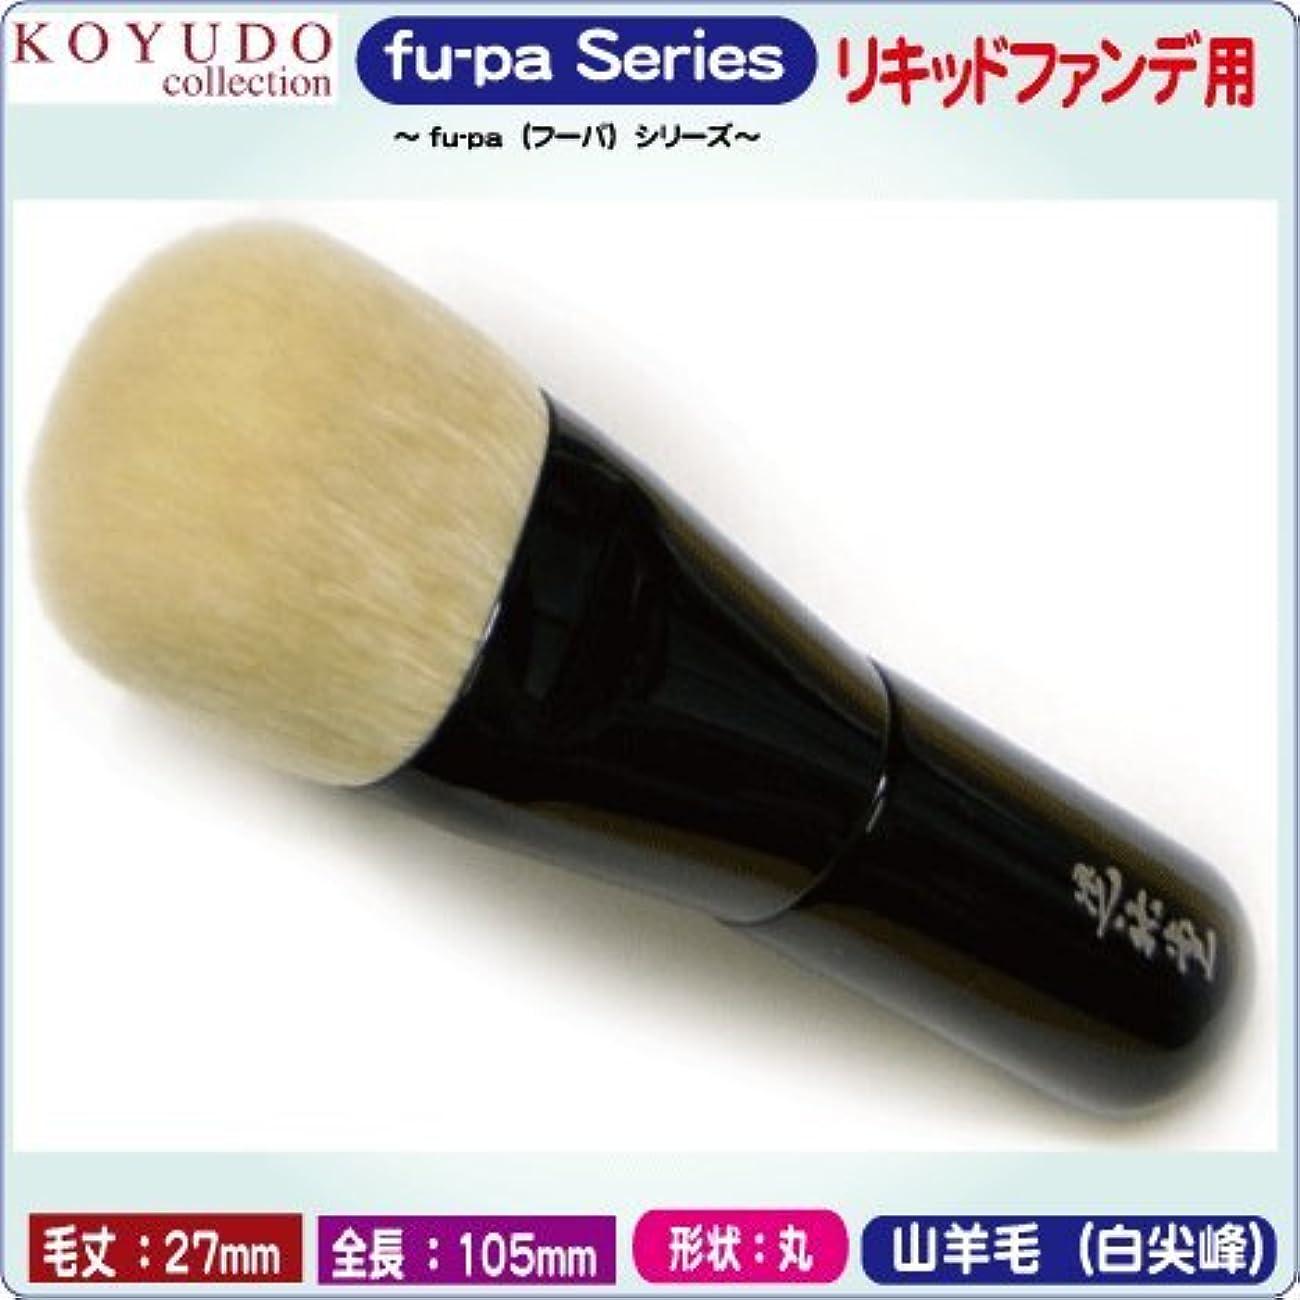 好きであるメーター適合しました広島 熊野 化粧筆 晃祐堂コレクション fu-paシリーズ リキッドファンデ用 専用ケース入り